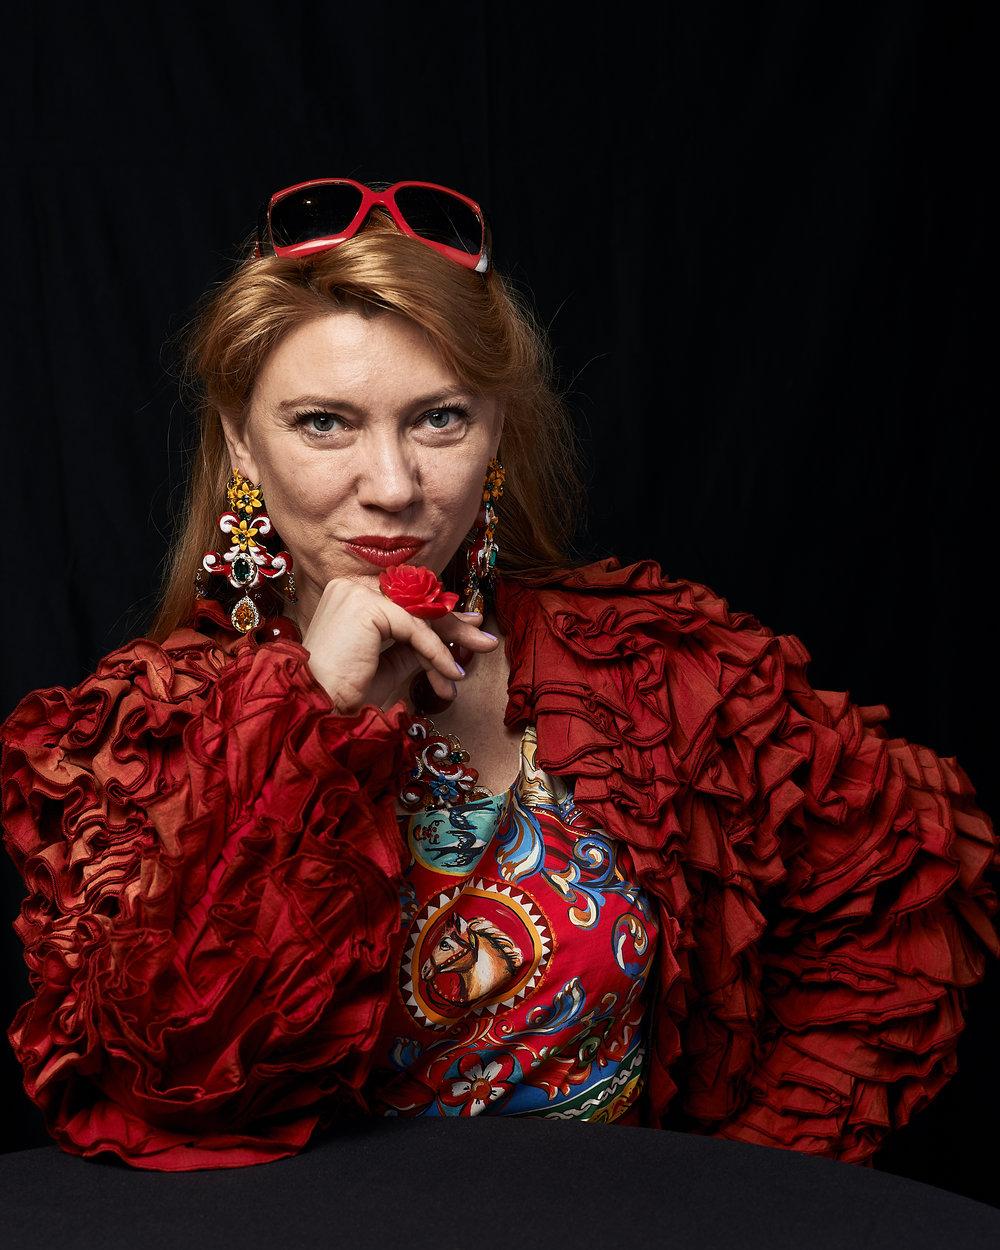 Leyla - Russia